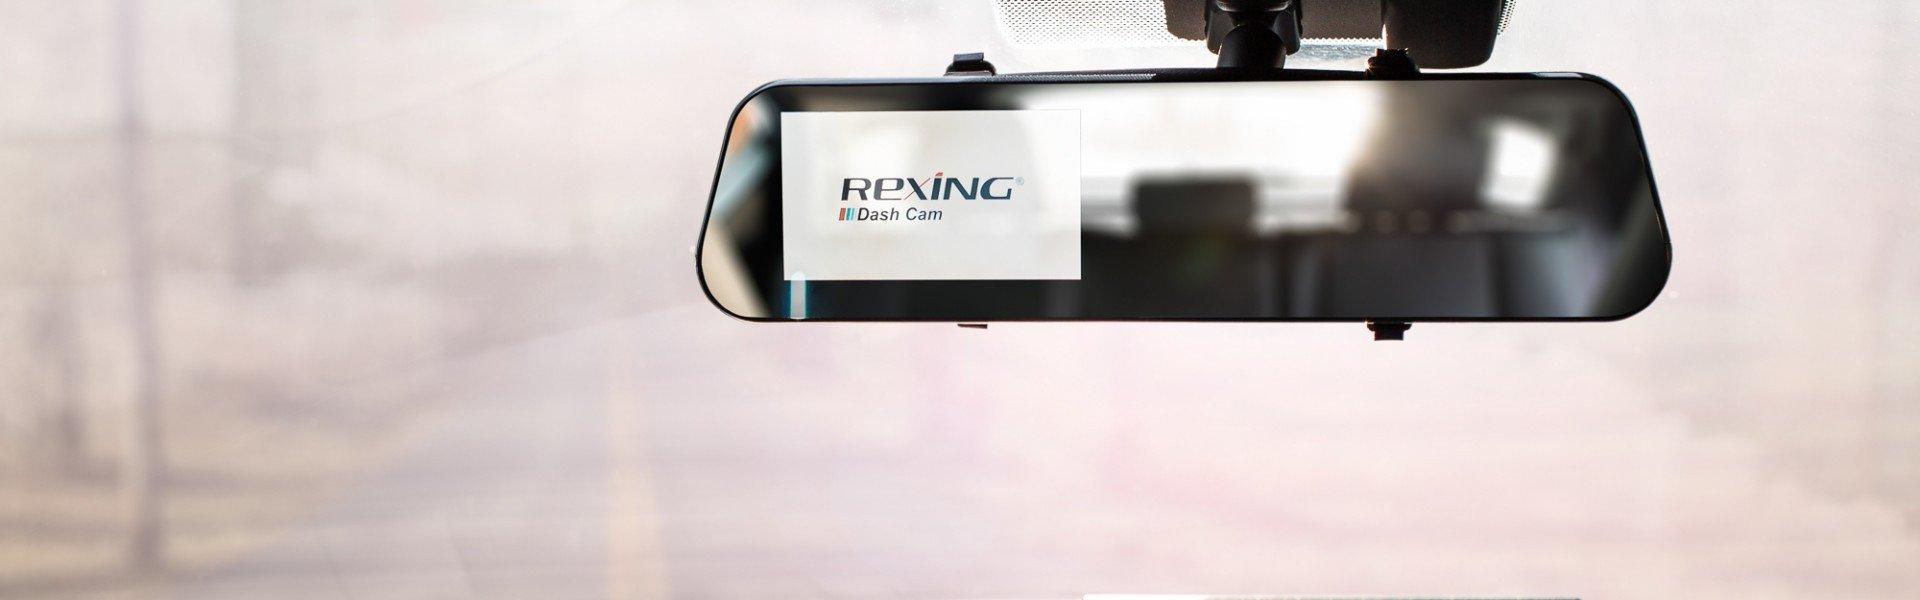 Rexing Dash Cam